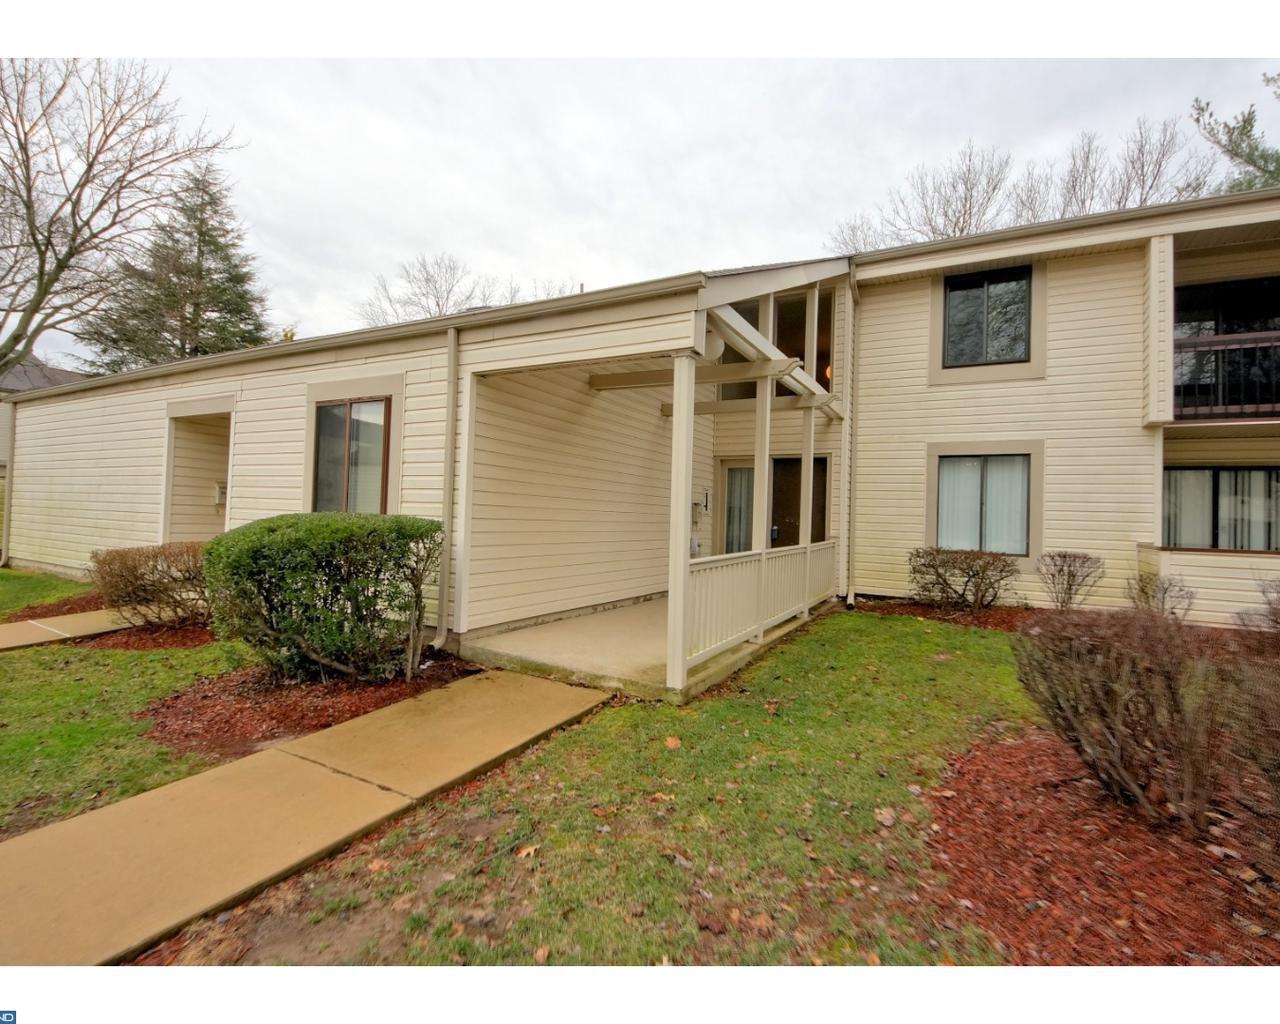 3 Avon Dr, East Windsor, NJ 08520 - Estimate and Home Details   Trulia